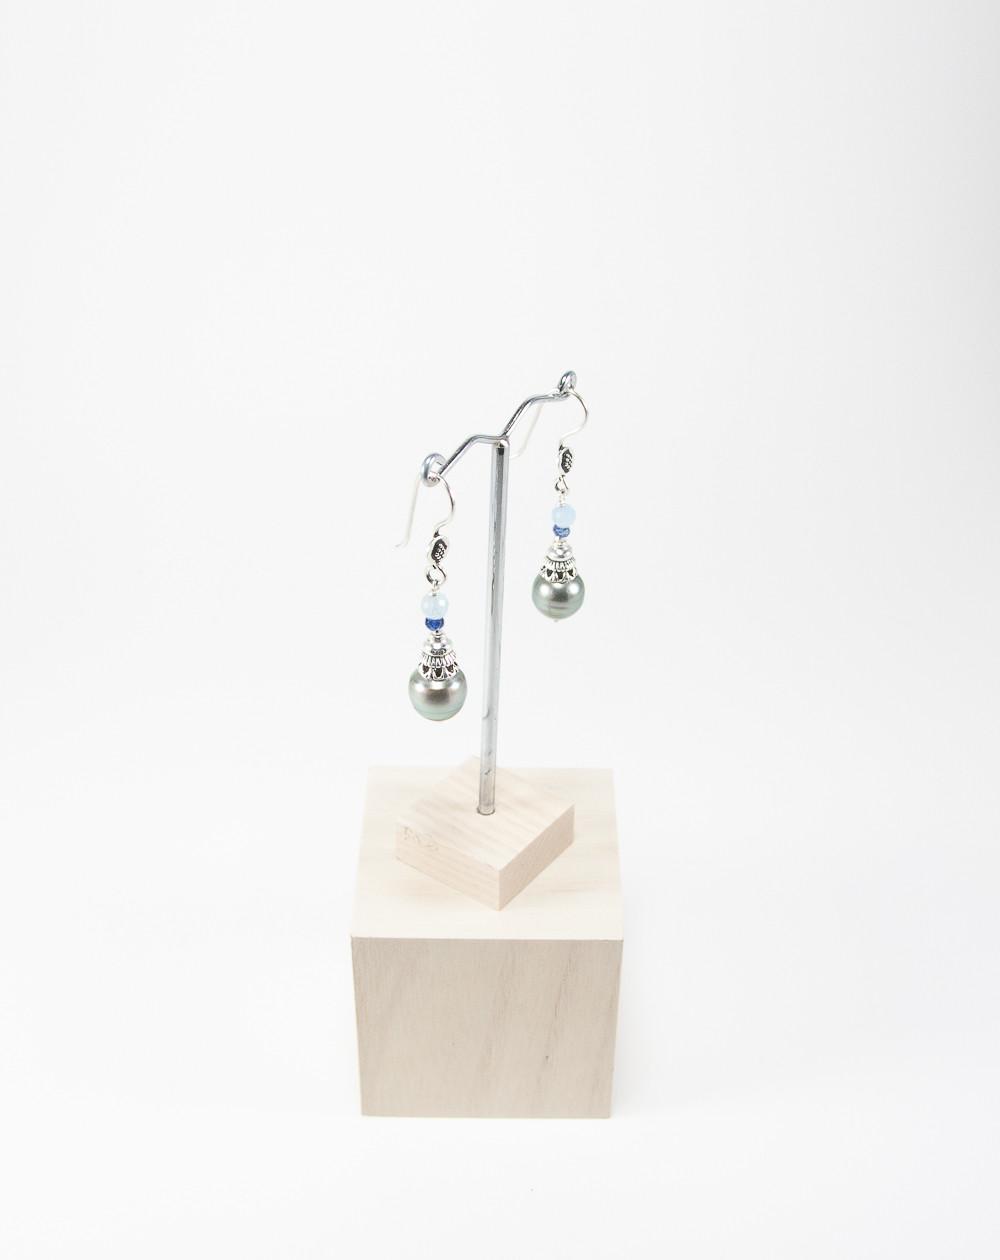 Boucles d'oreilles Perle de Tahiti Aigue-marine, Sanuk Création. Créateurs Français